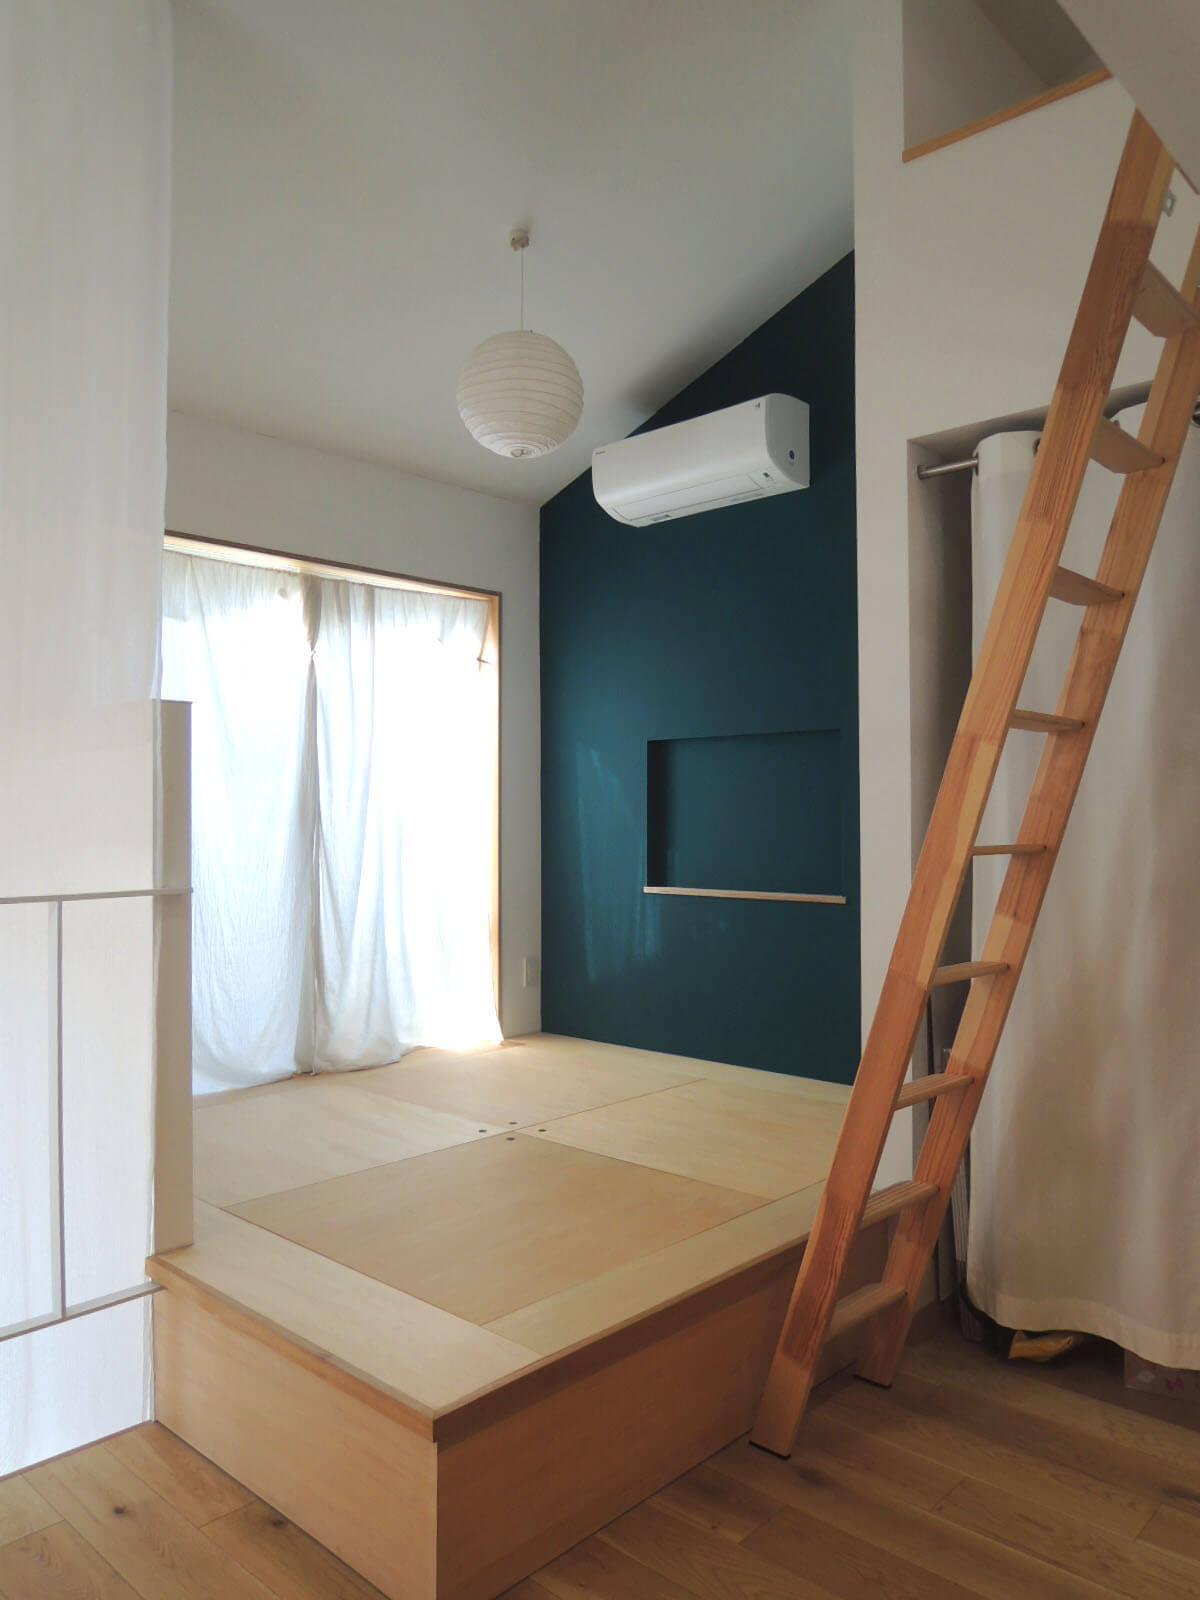 3階は天井が高く開放感あり。ふとんかマットレスを敷いて小上がりを寝床に。